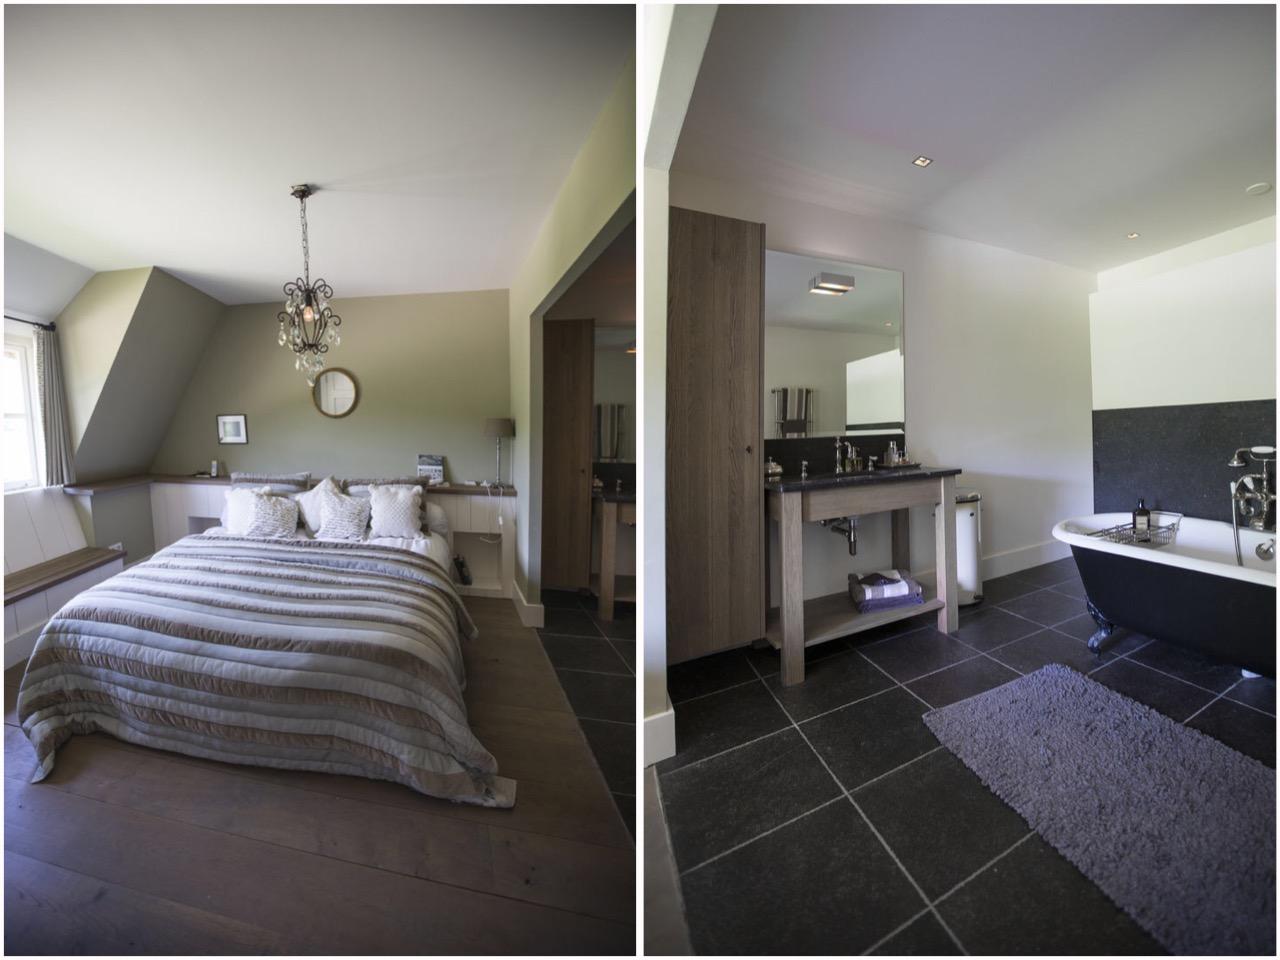 спальня кровать окно ванная комната